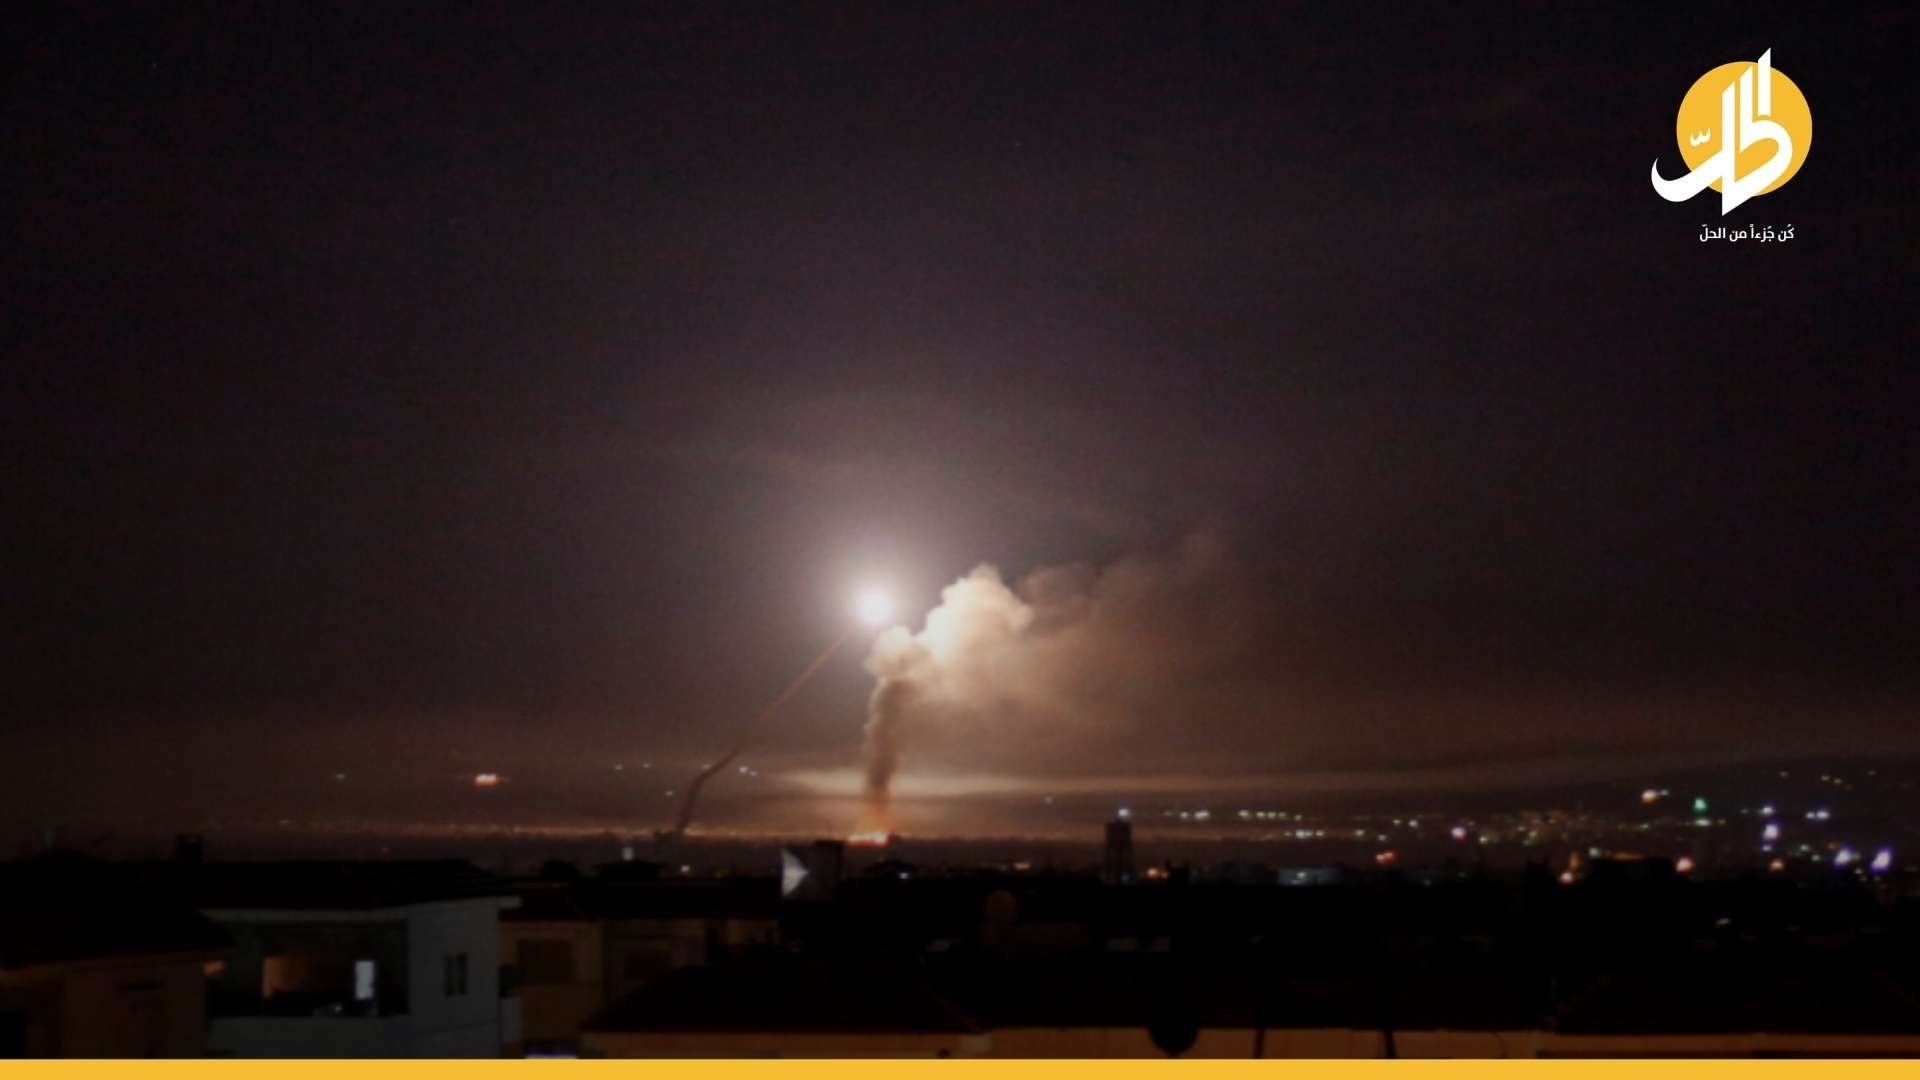 """قتلى وجرحى بينهم طفل بقصفٍ جوي إسرائيلي على منطقة """"رأس شمرا"""" بريف اللاذقية"""